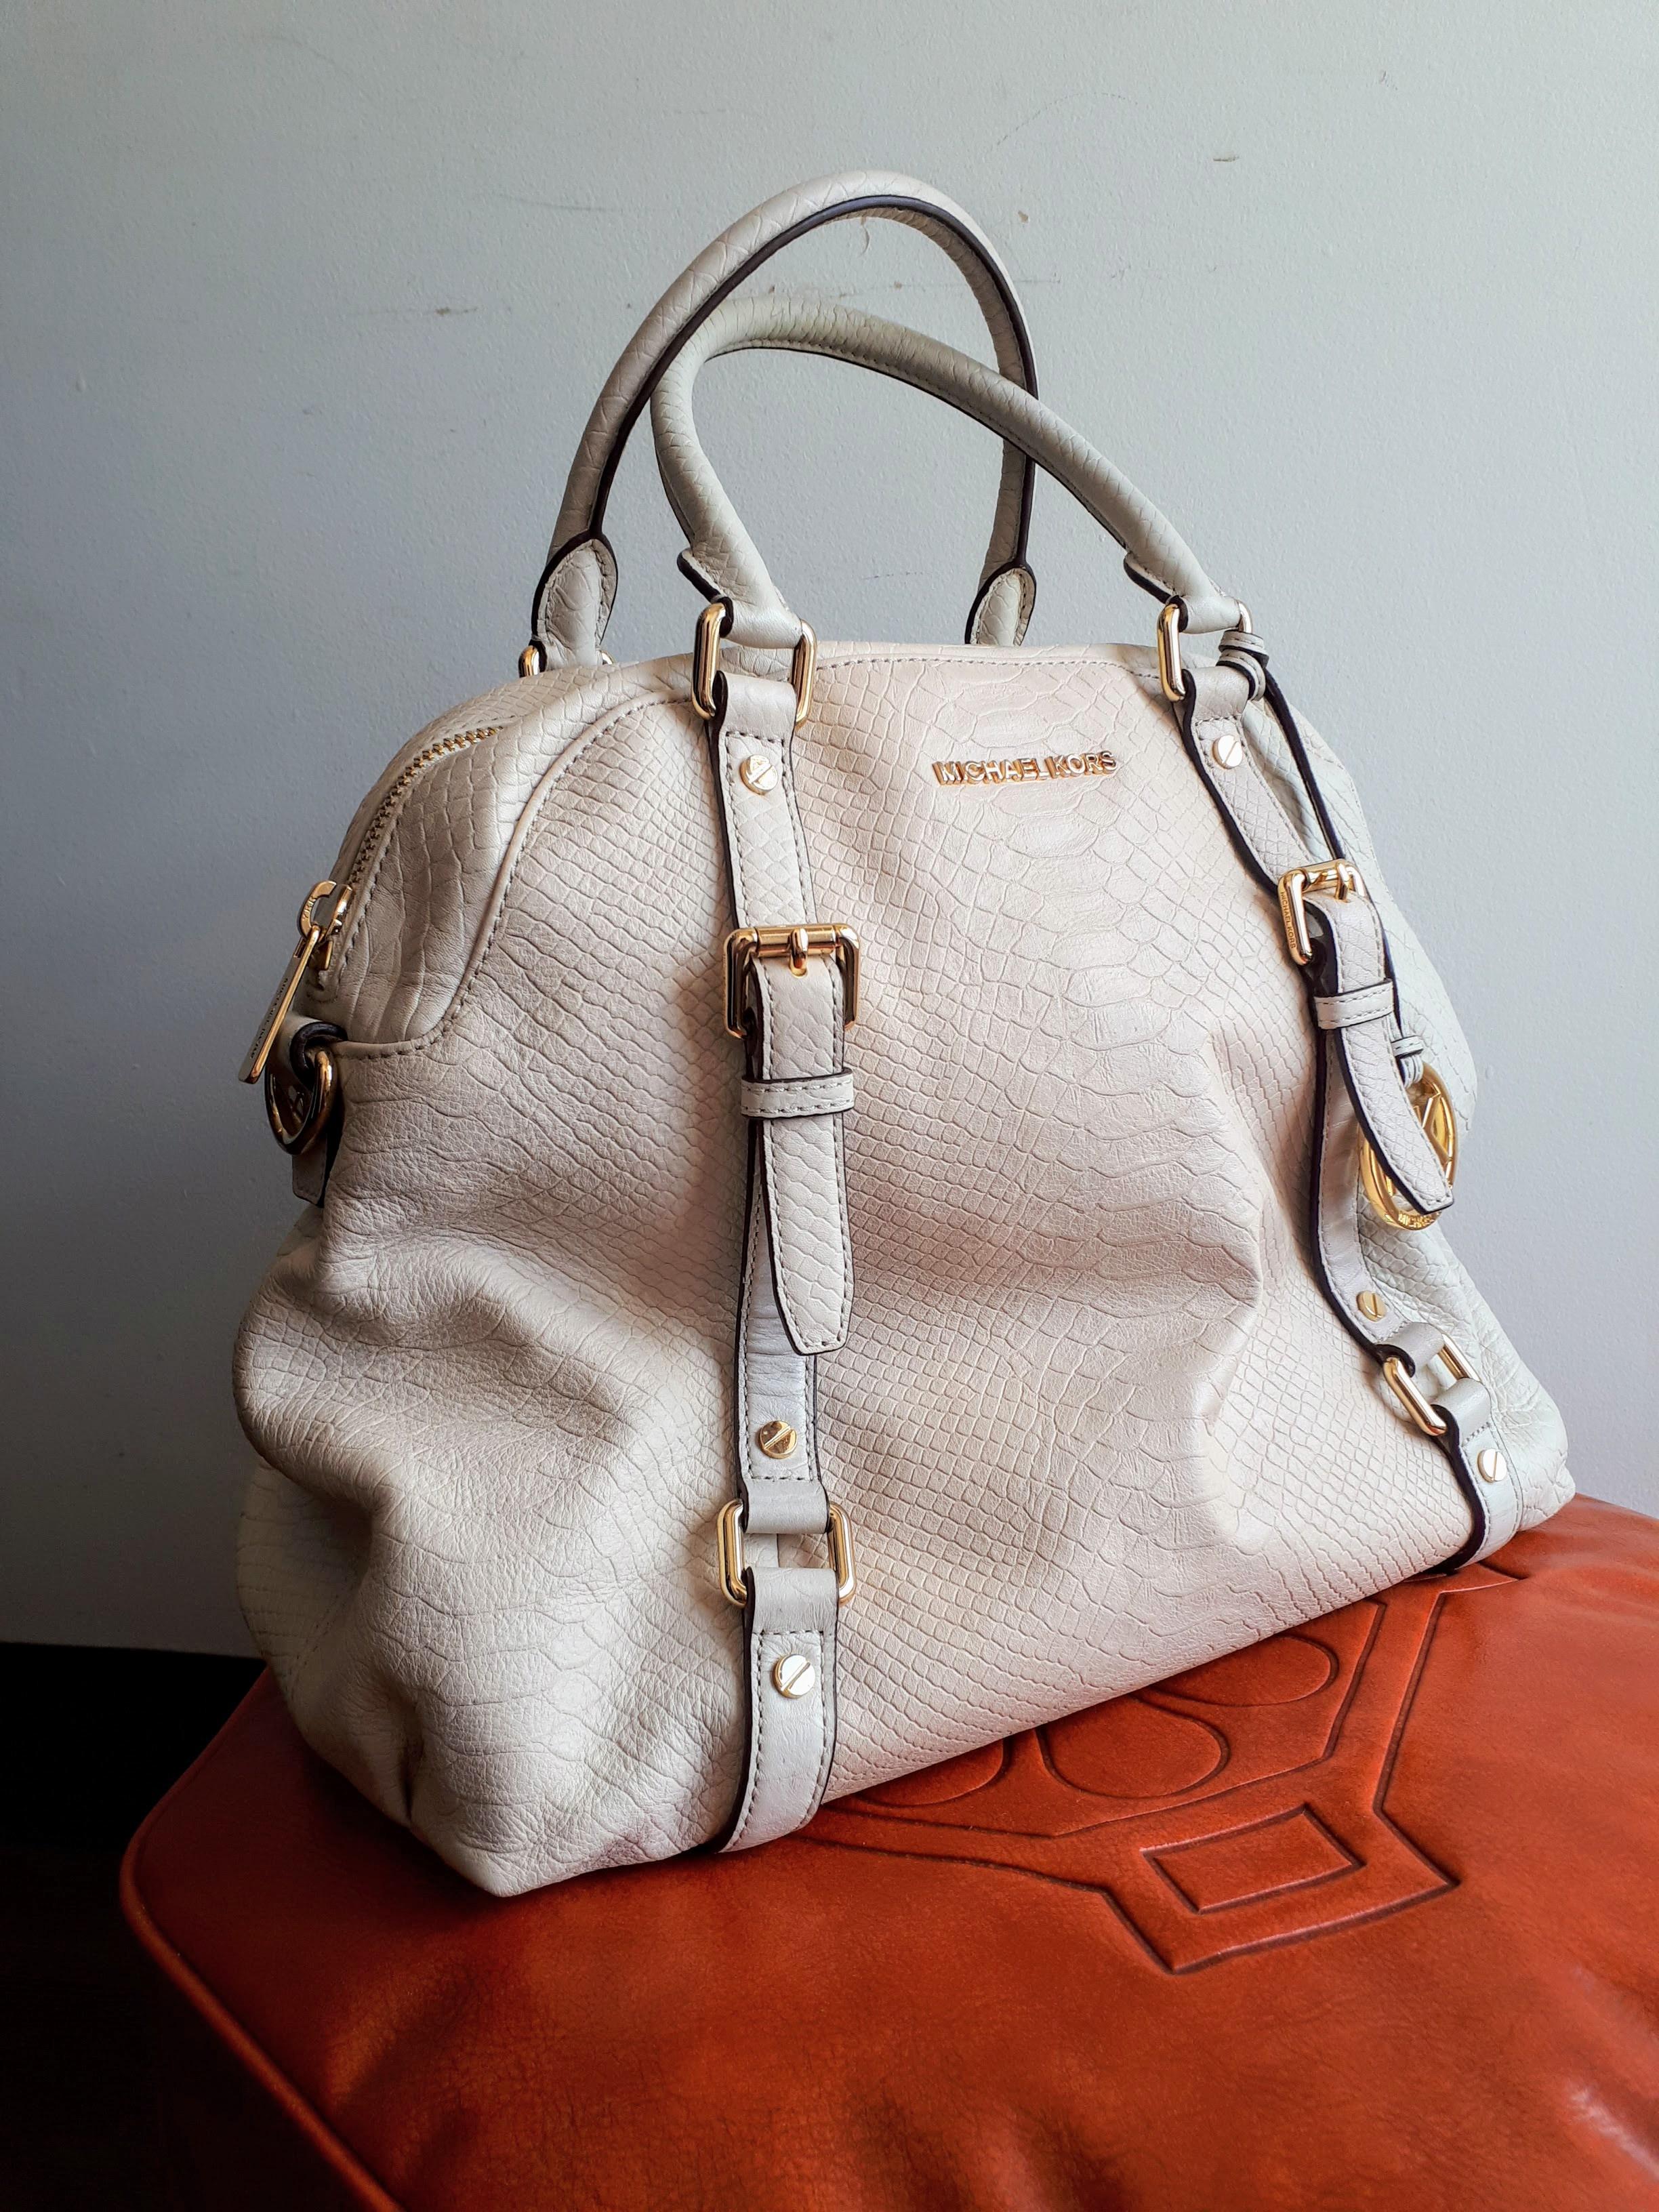 Michael Kors bag, $75